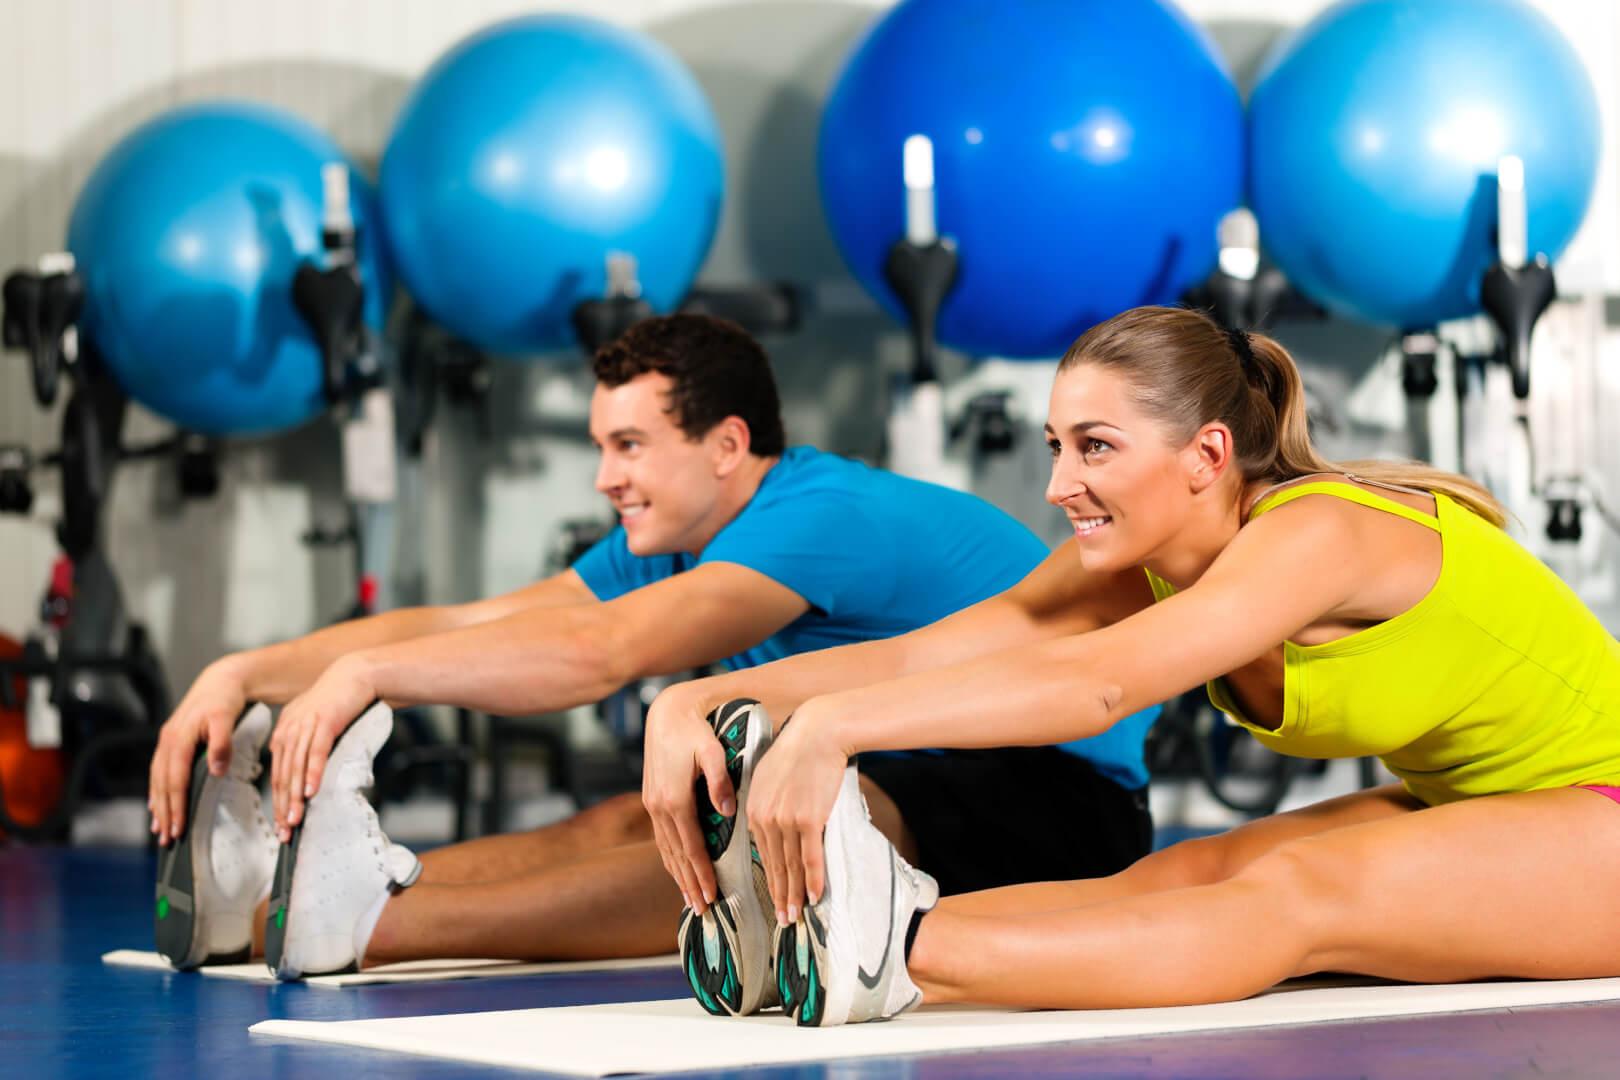 Стандарты сервиса в фитнес-клубе